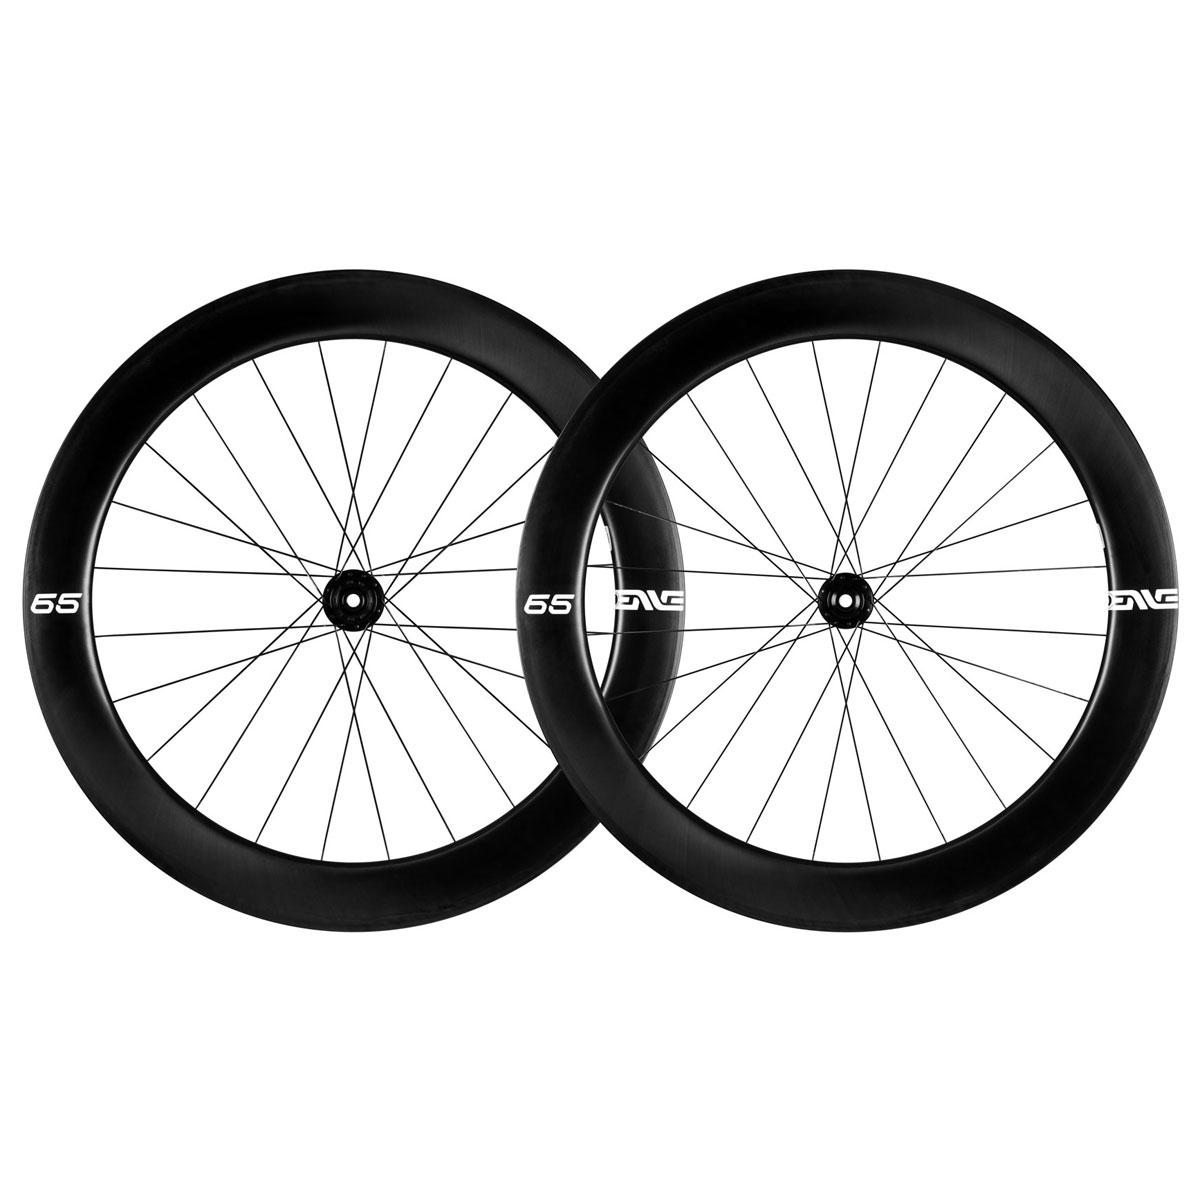 ENVE Foundation 65 Carbon Wheelset - Clincher - Centerlock - FW: 12x100mm | RW: 12x142mm - SRAM XDR